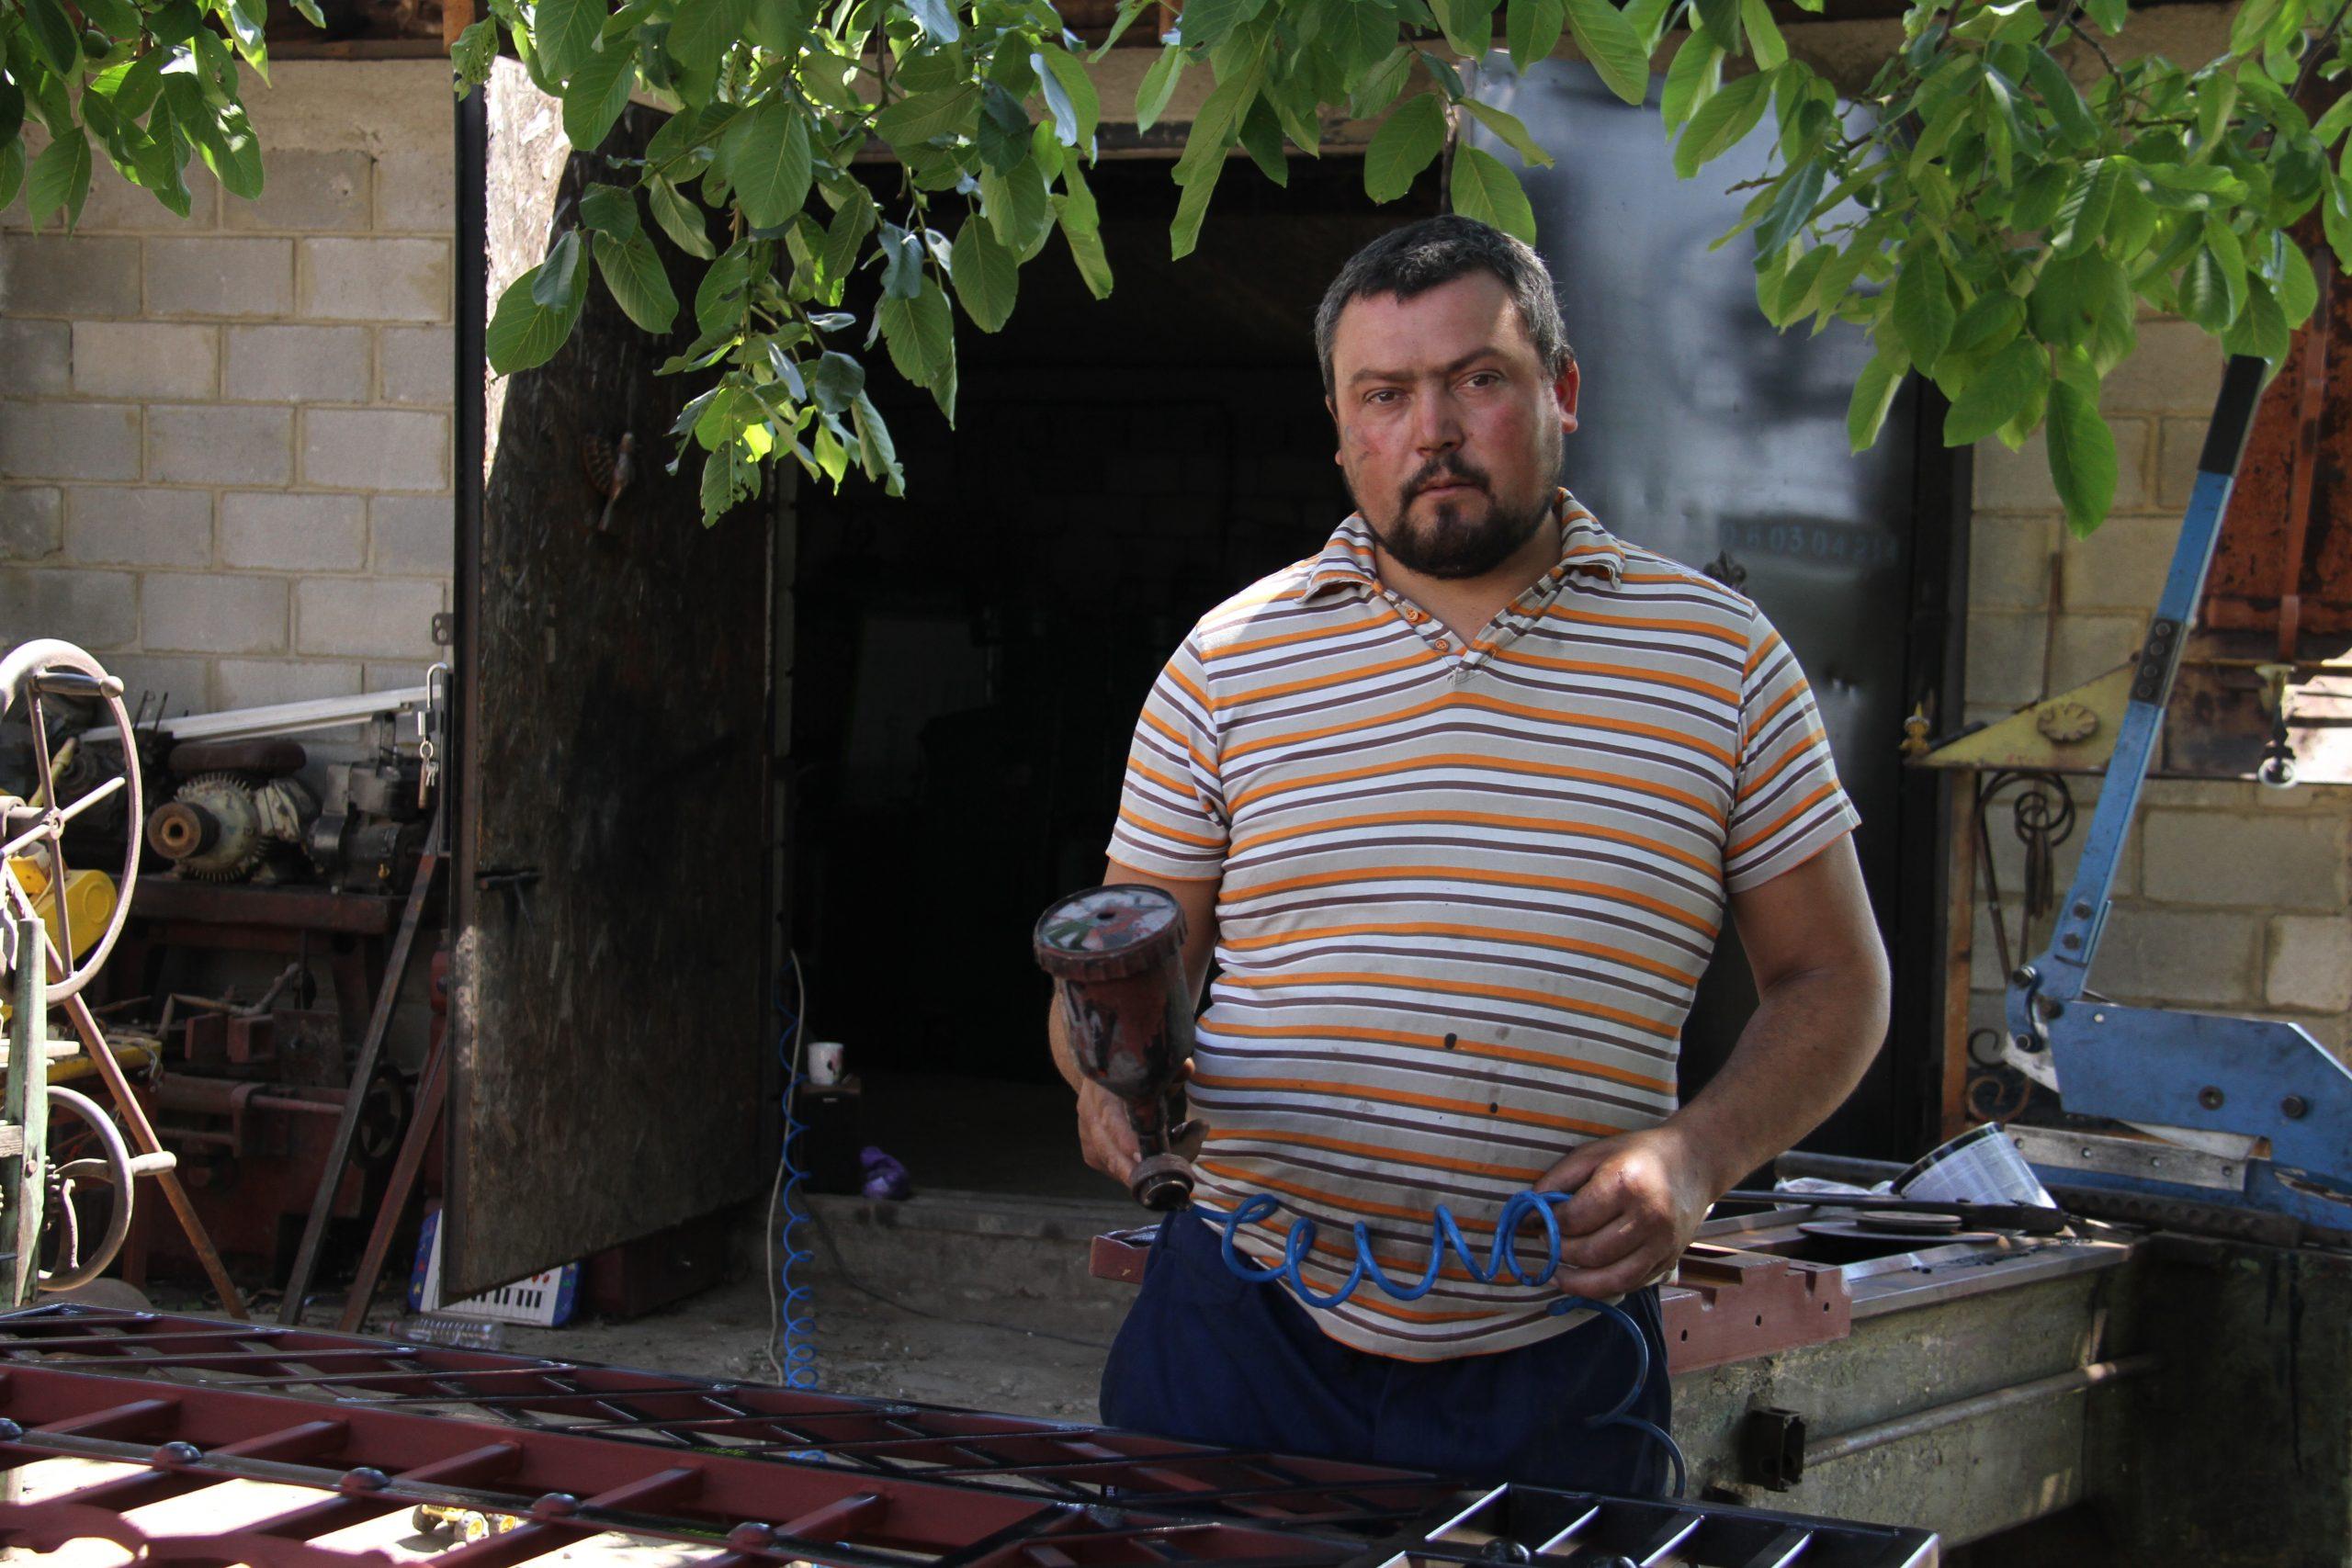 Fierarul Vasile Ulinici din Nisporeni. Foto: Natalia Munteanu